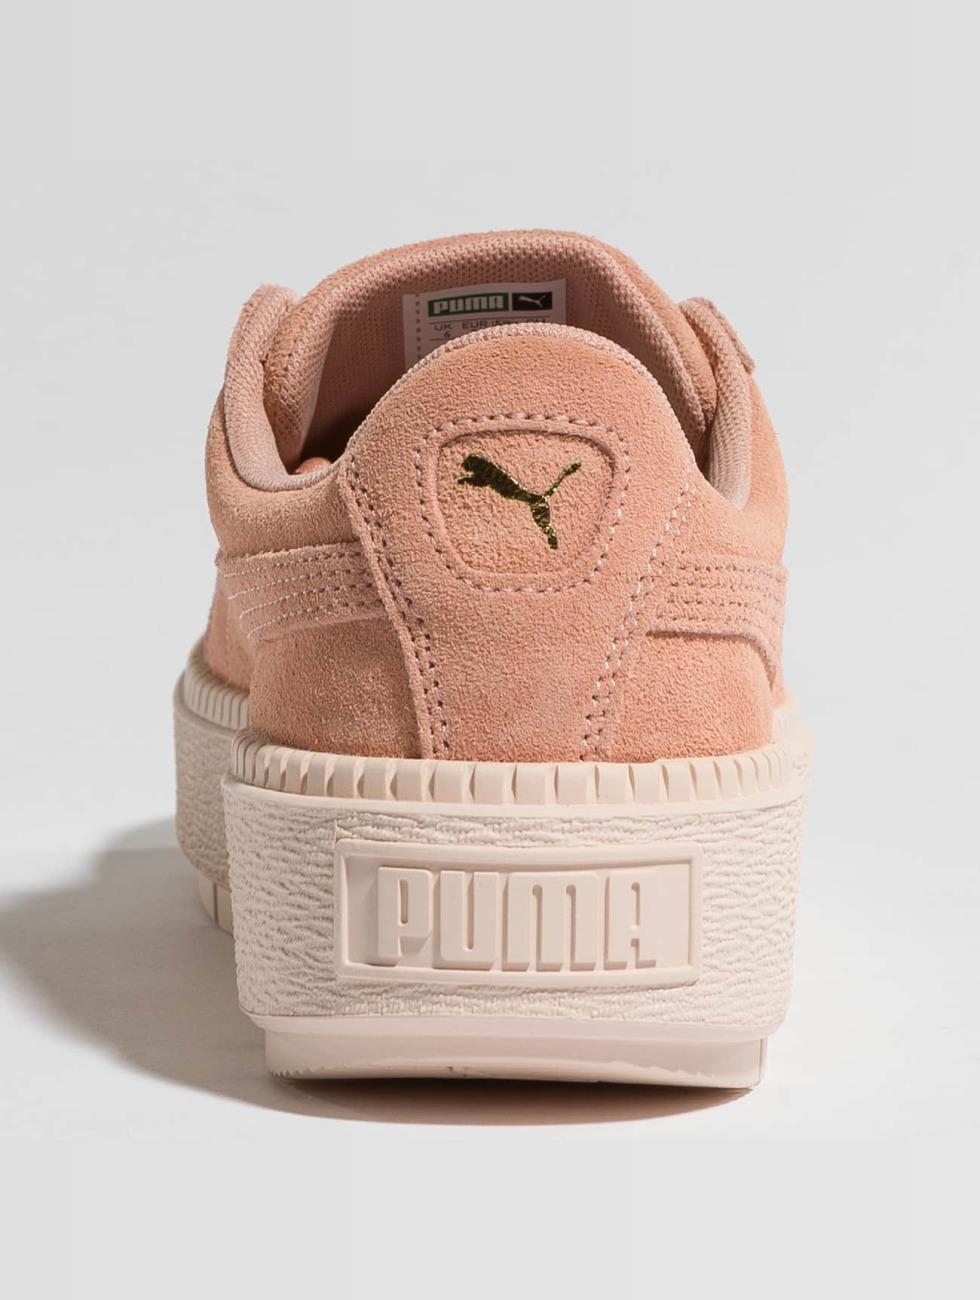 Puma Traccia Di Piattaforma Schoen / Sneaker In Rosa 425.835 xaujnbOrqh